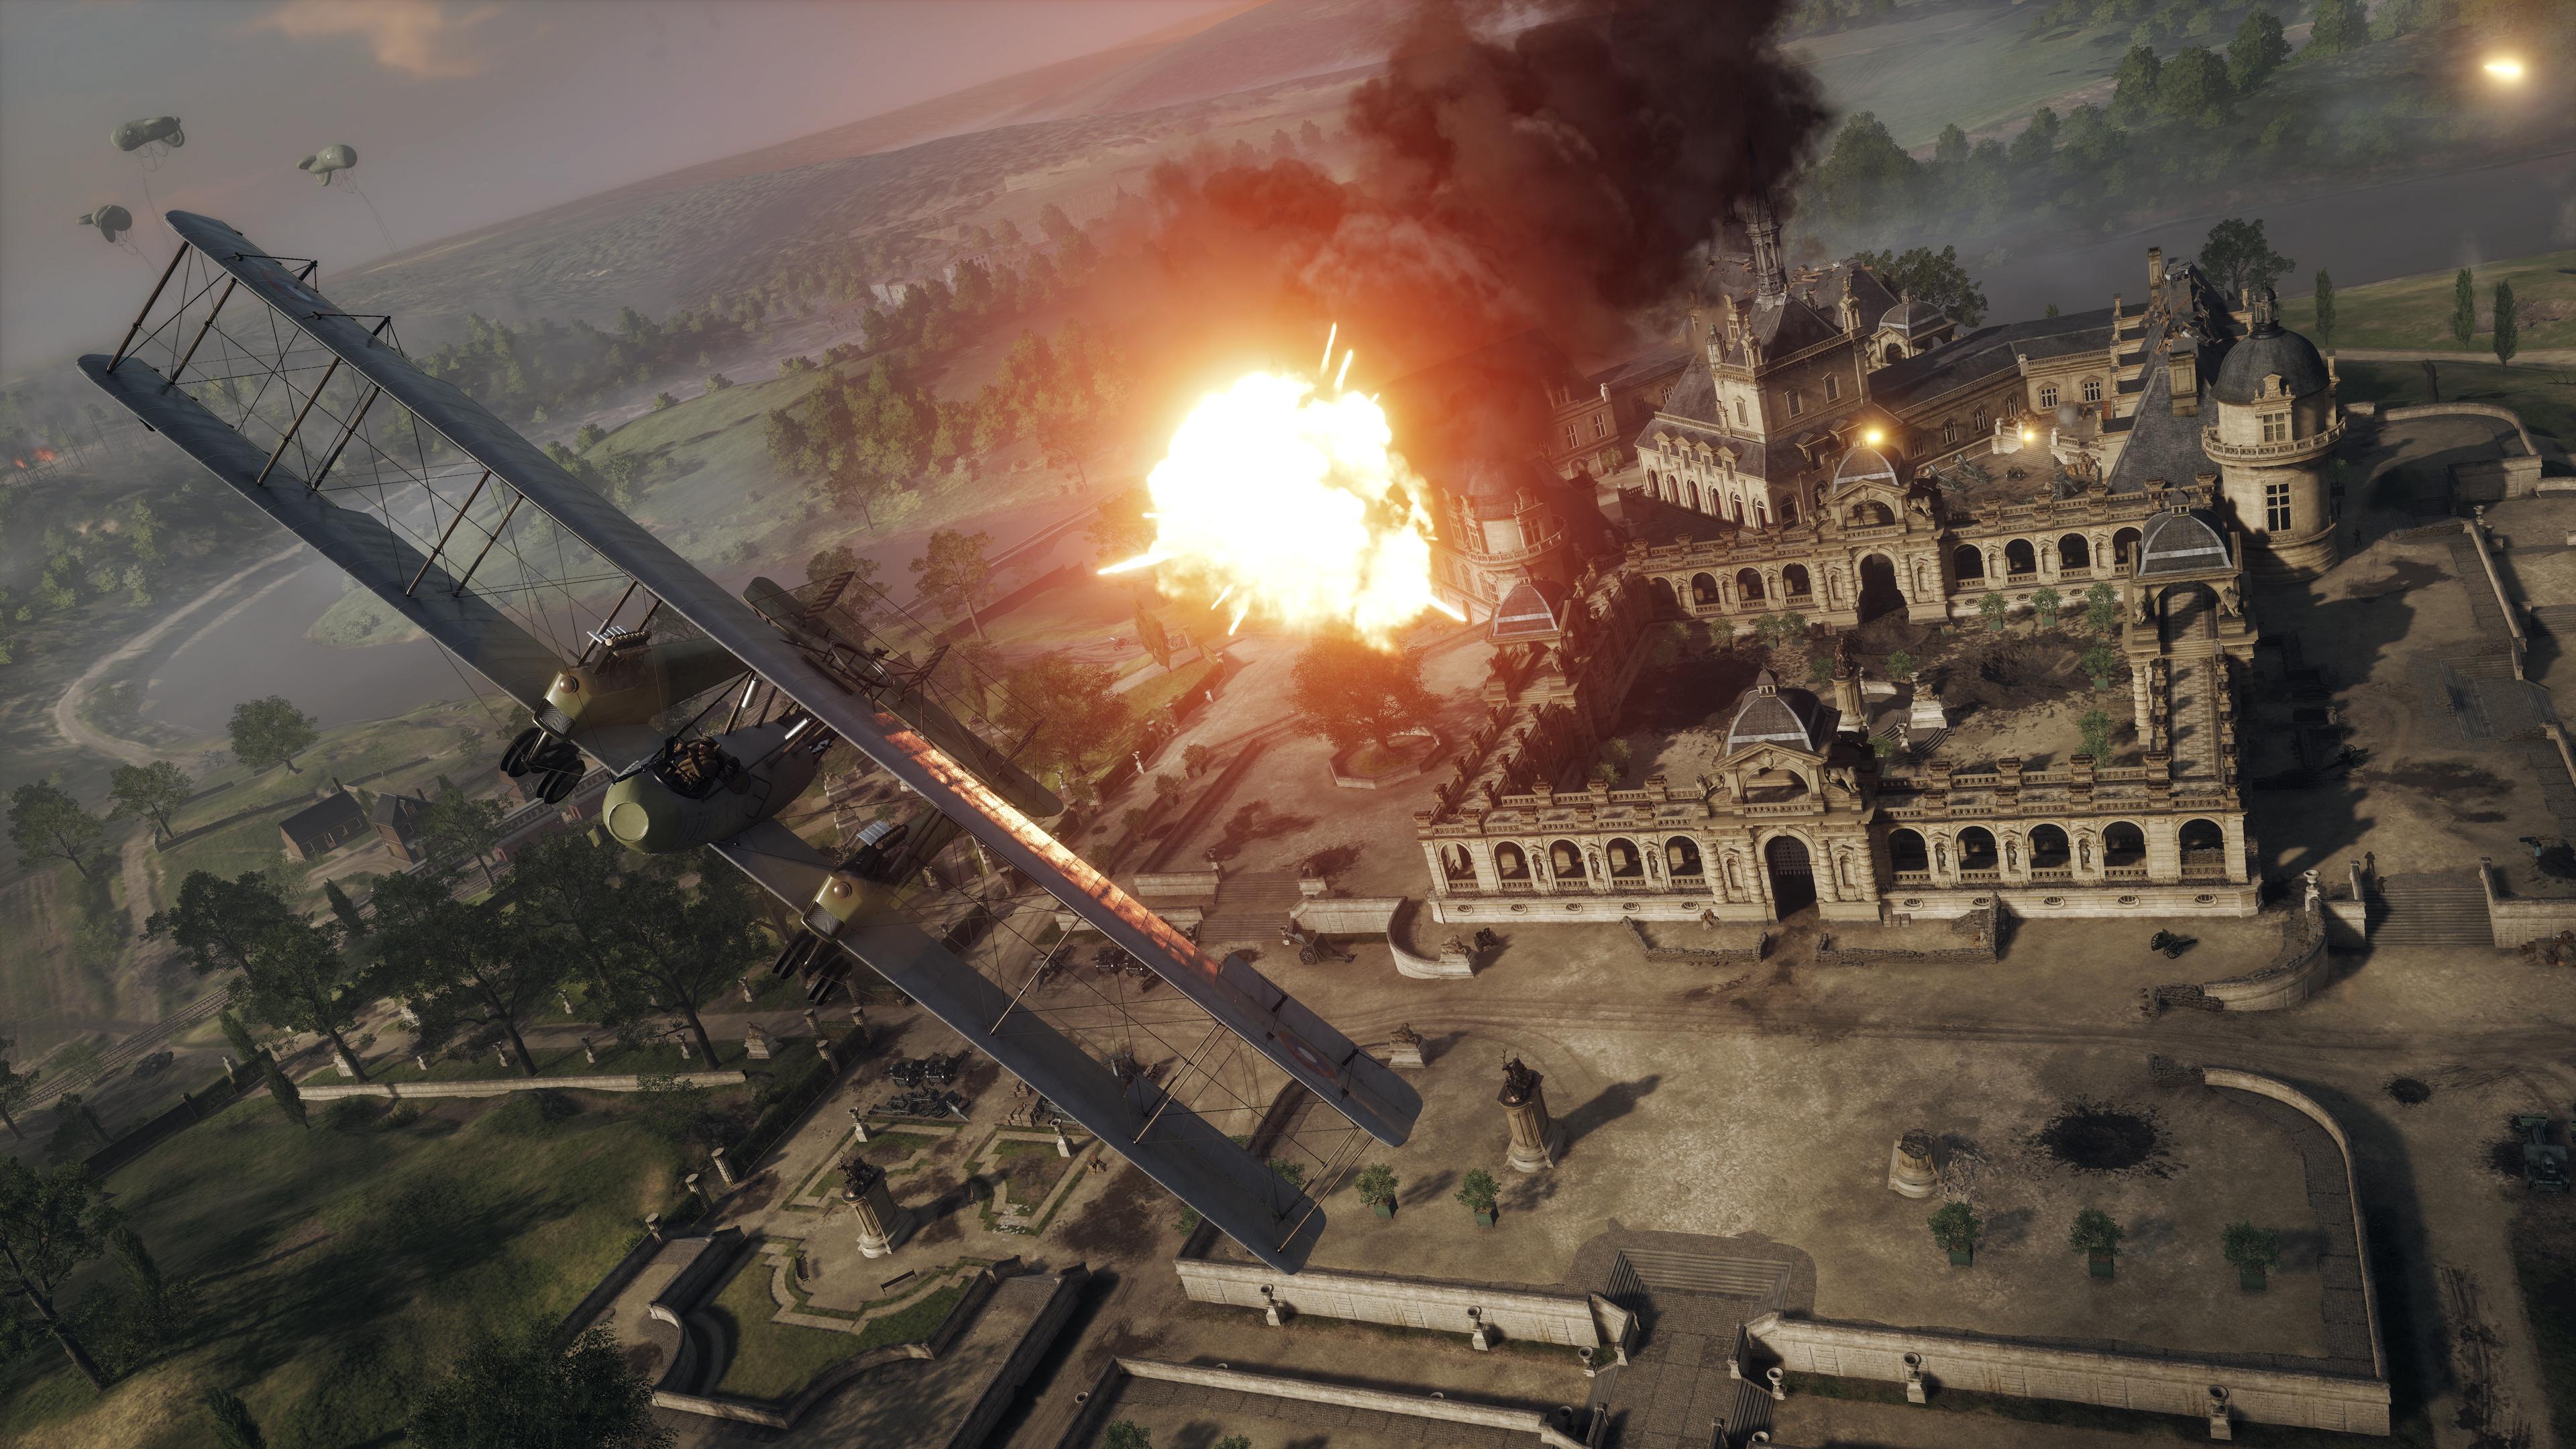 Battlefield 1 4k Ultra HD Wallpaper | Background Image ...